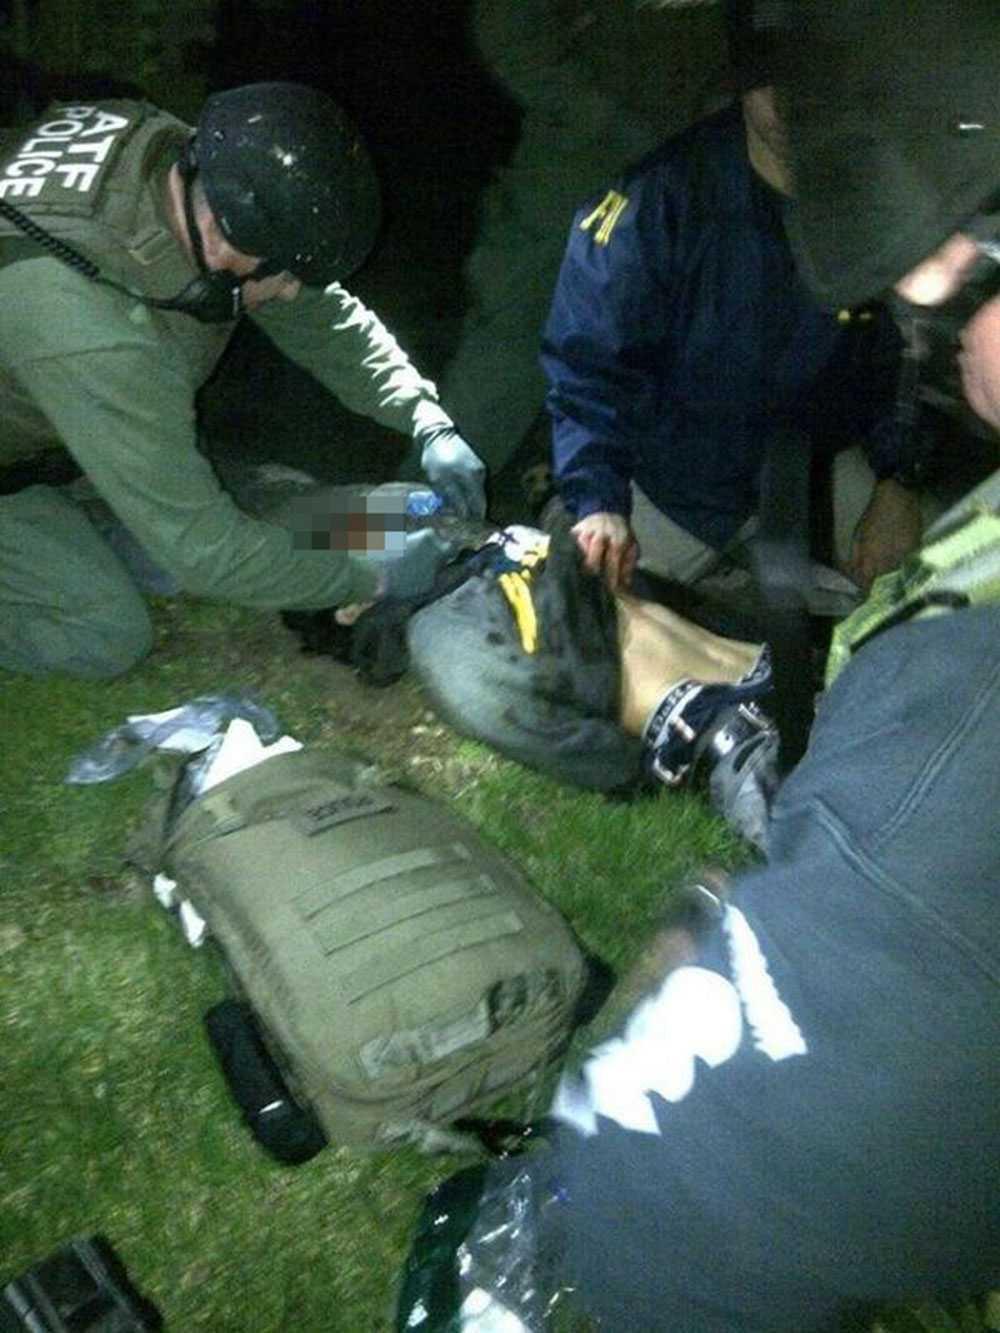 Dzjochar Tsarnajev strax efter gripandet. Han fick svåra skador i samband med insatsen.